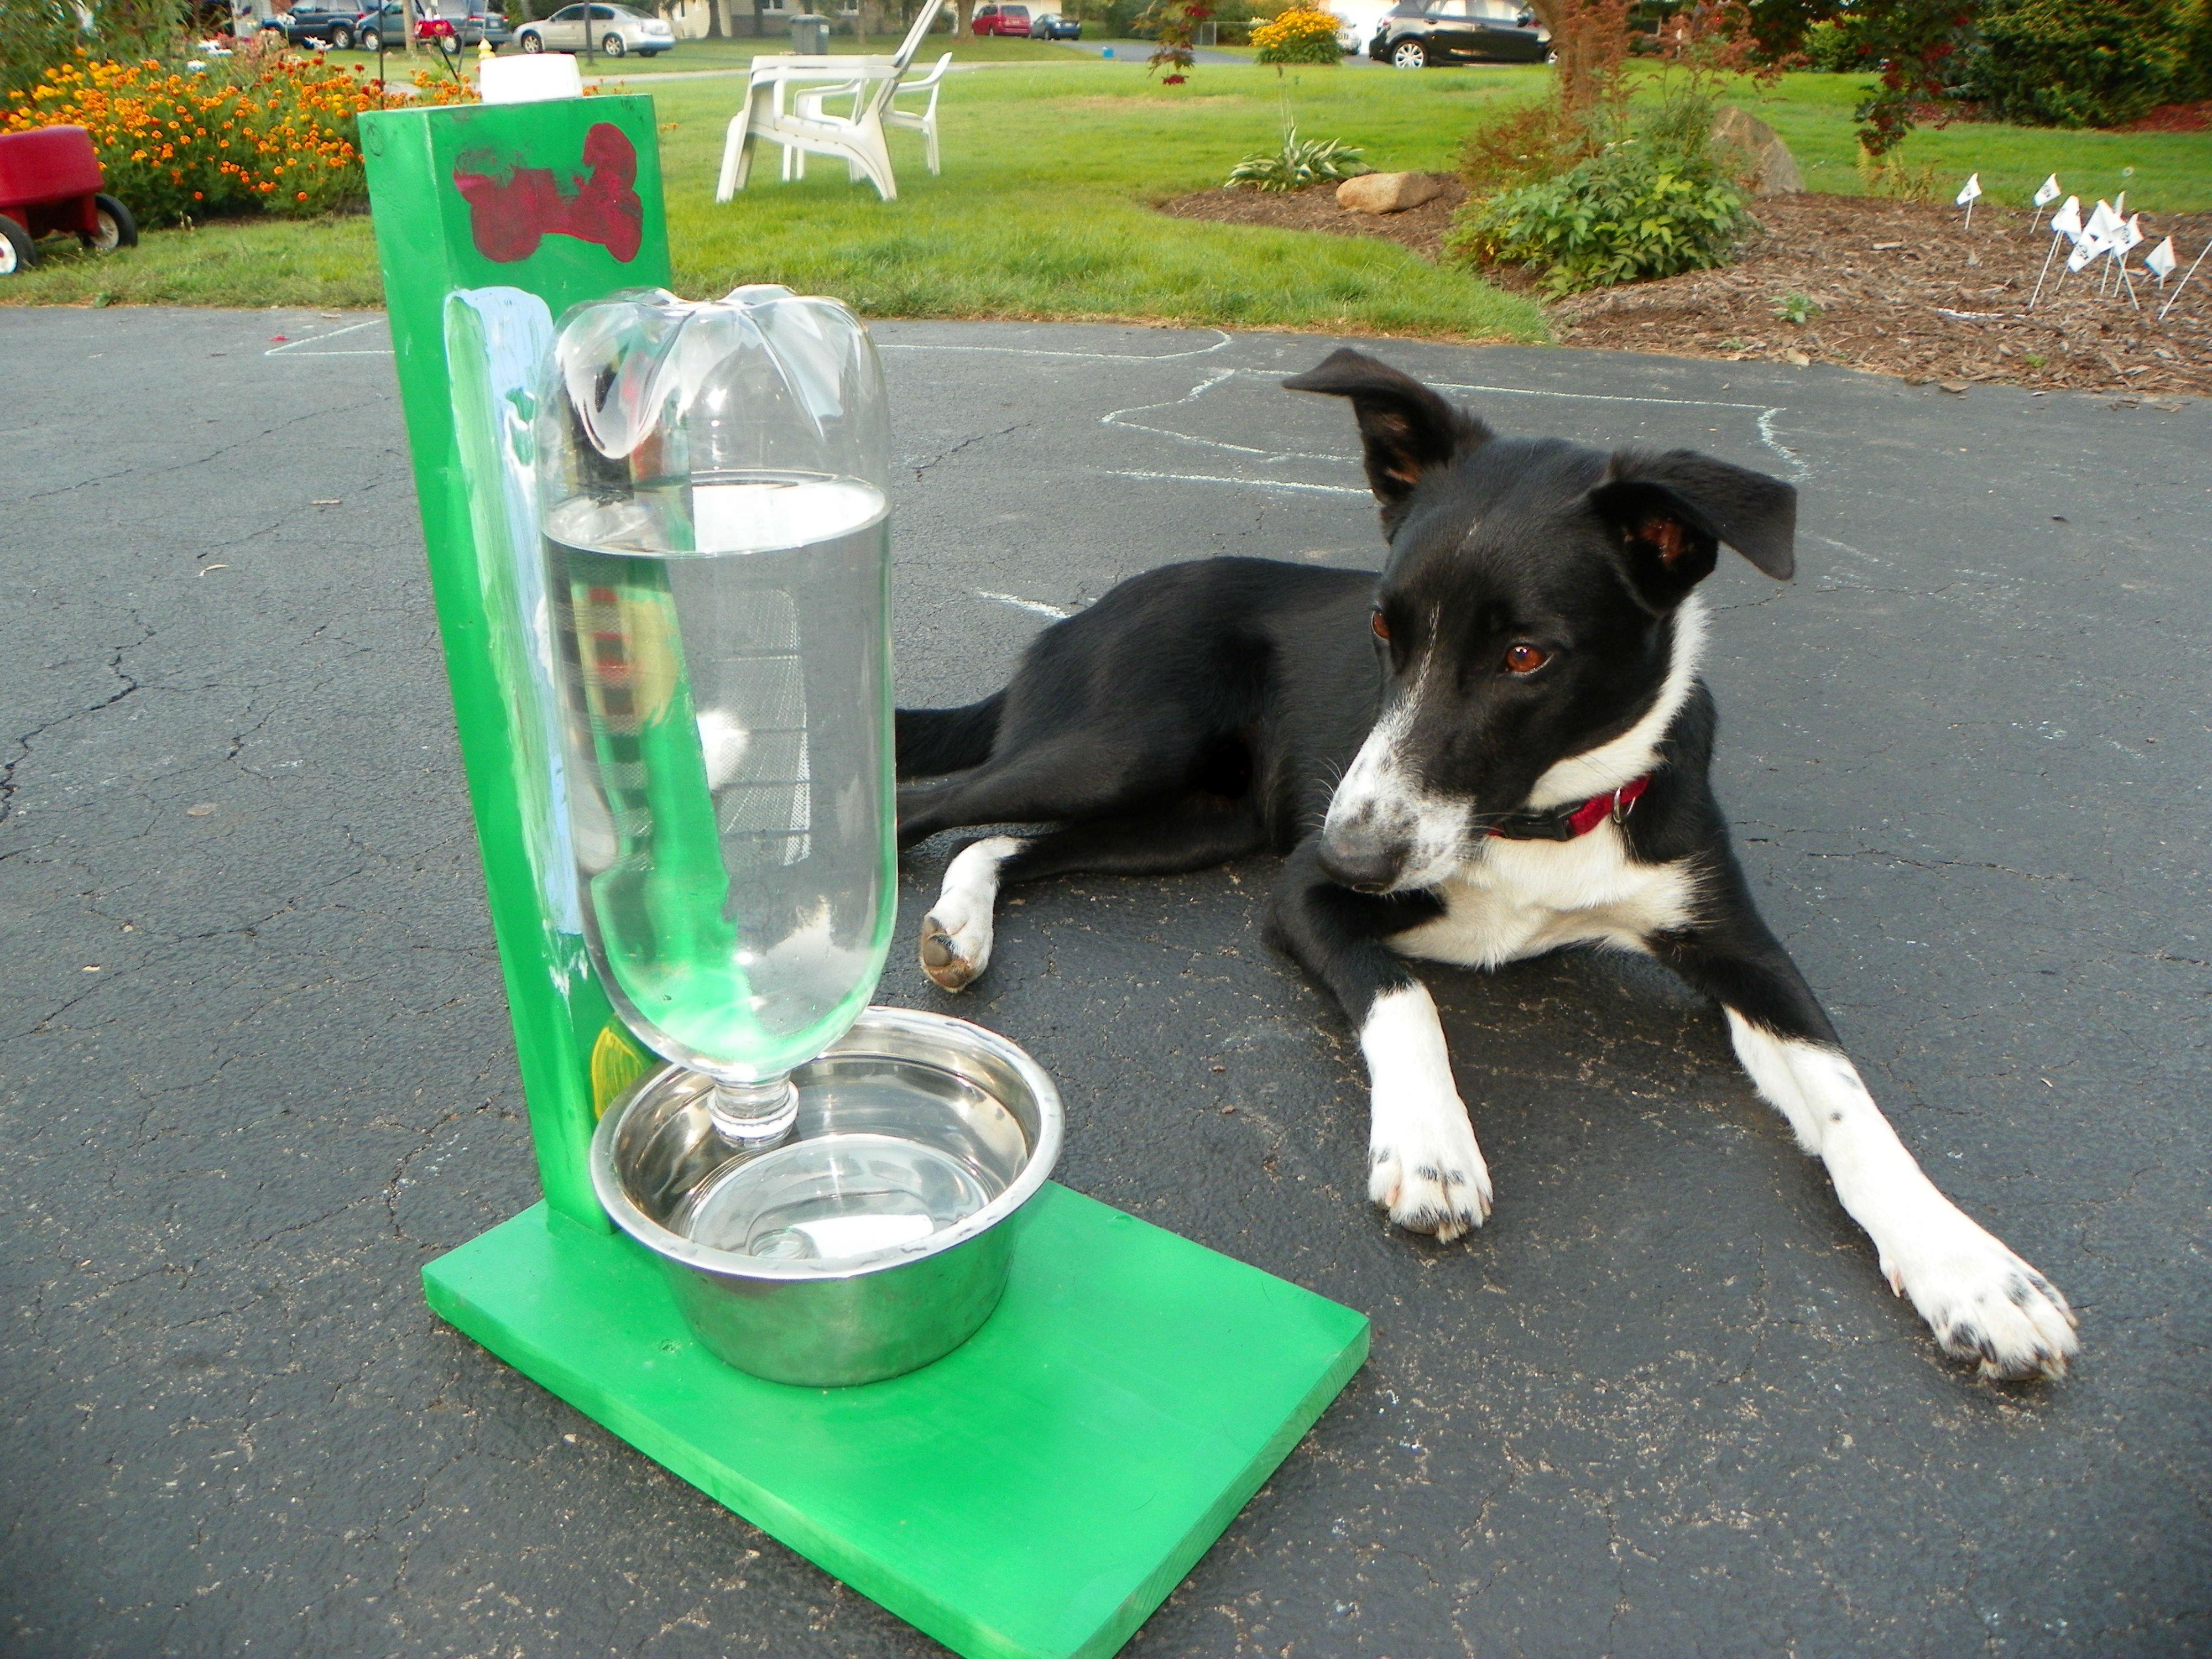 Aprende c mo hacer un bebedero autorellenable para tu perro for Como hacer comida facil